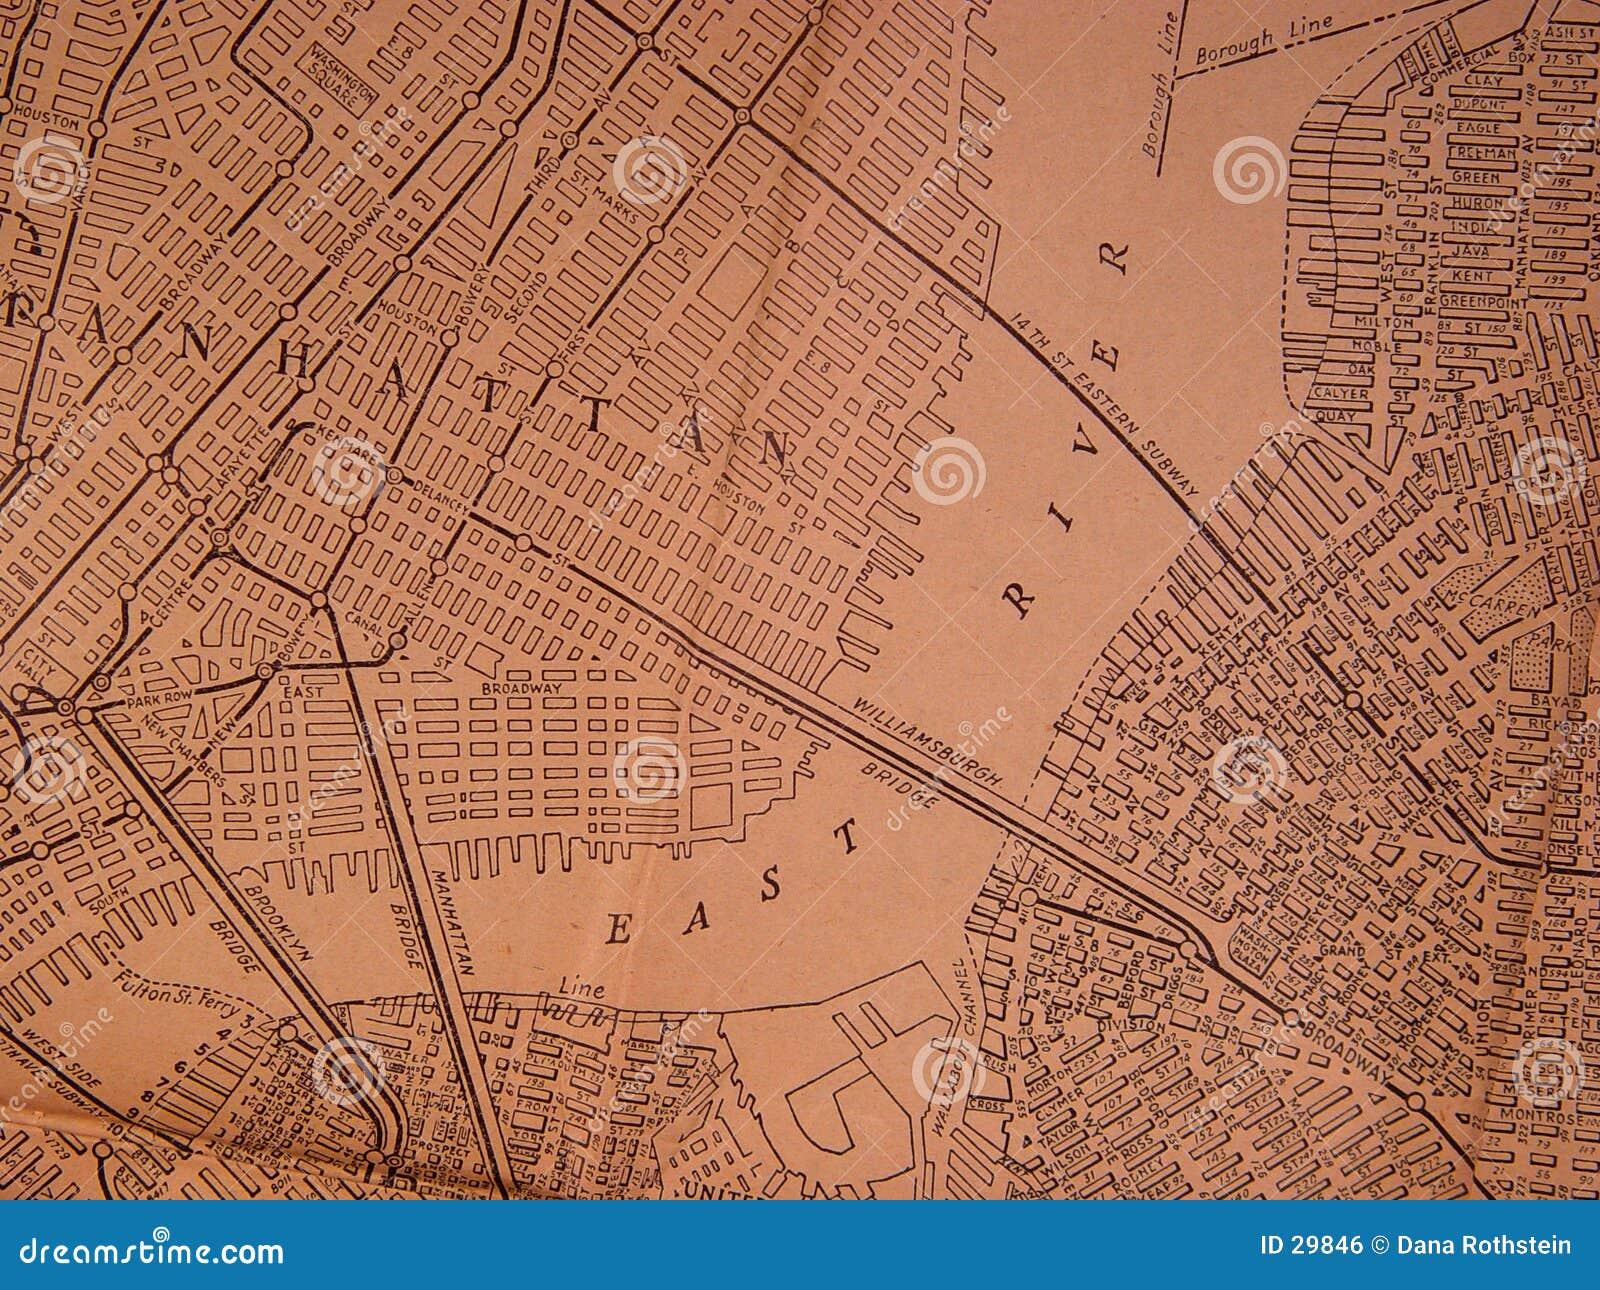 1930 NY Area Map